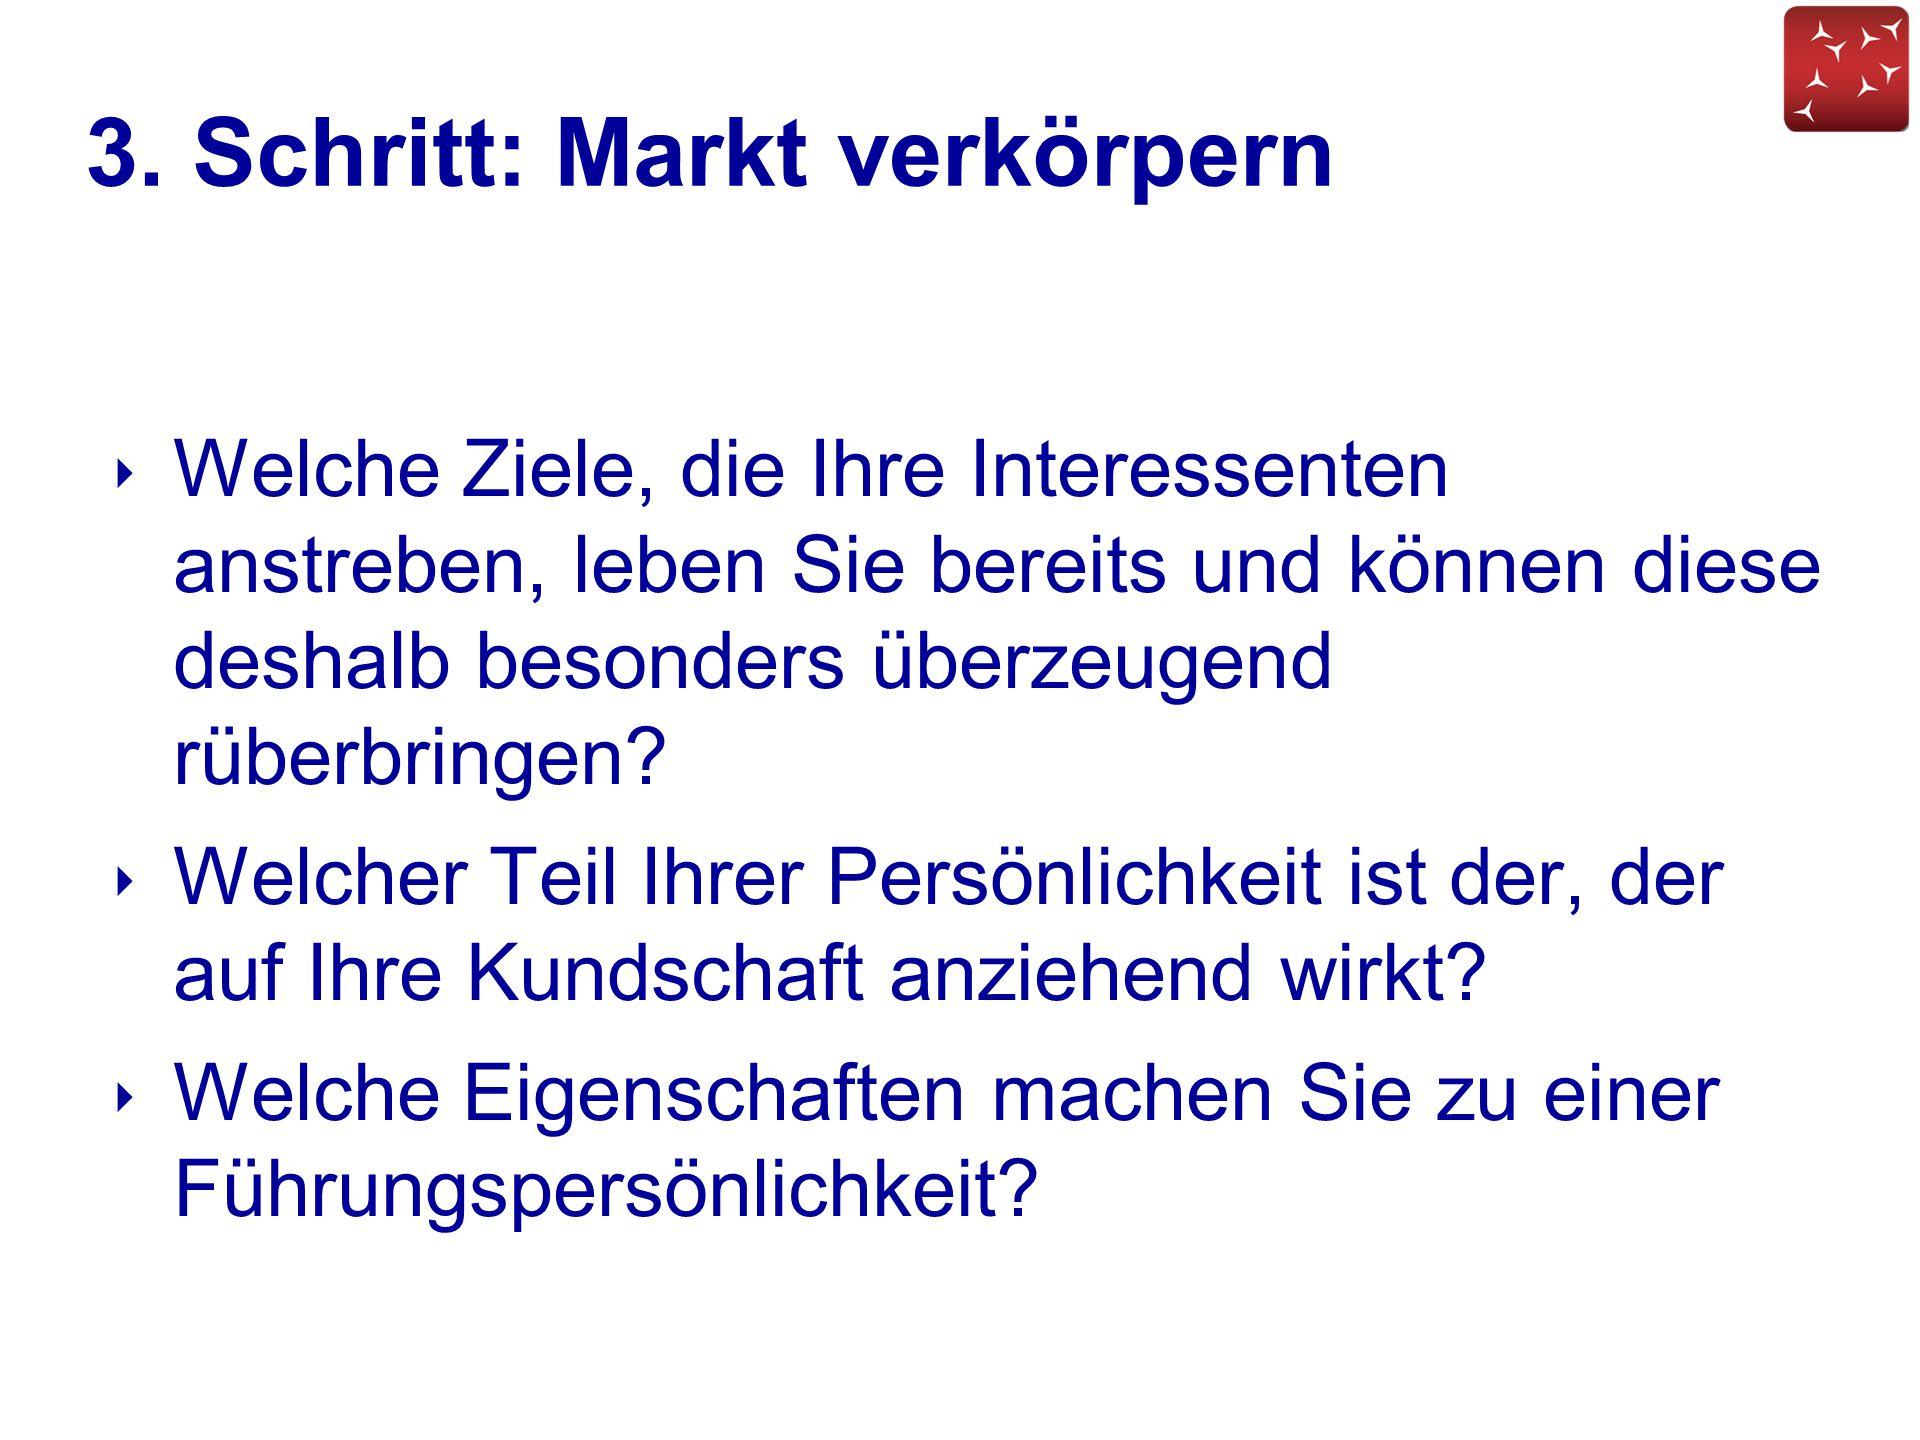 3. Schritt: Markt verkörpern